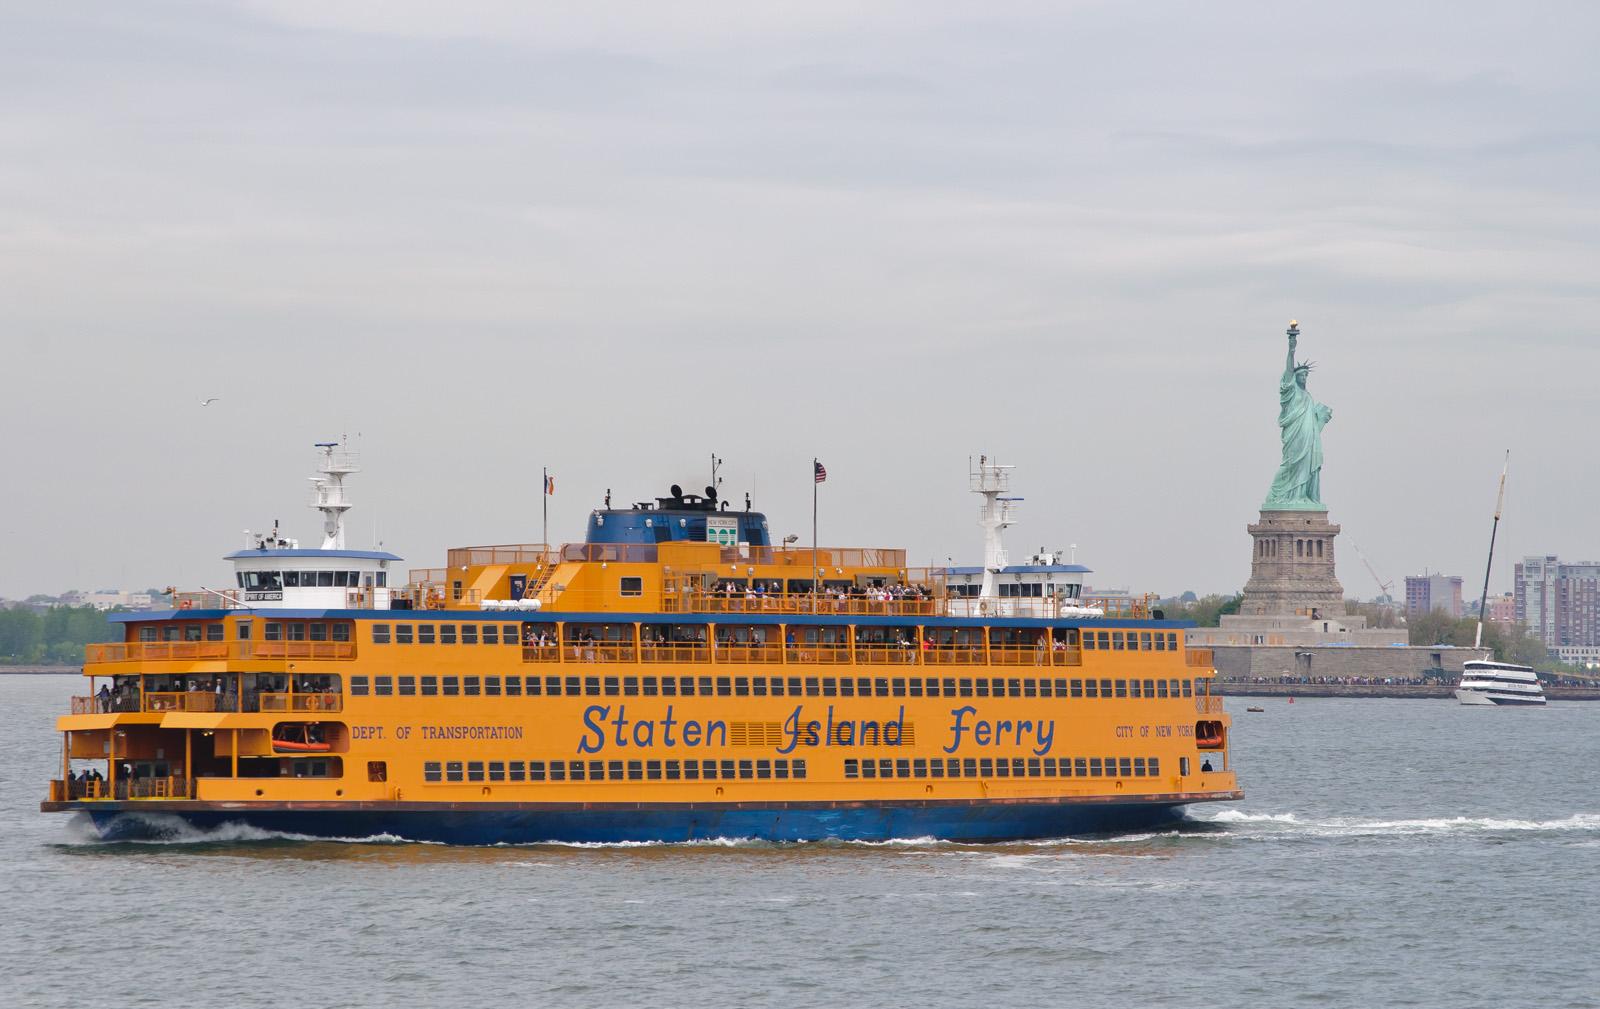 【裏技】無料で自由の女神が楽しめる スタテンアイランド・フェリー(Staten Island Ferry)